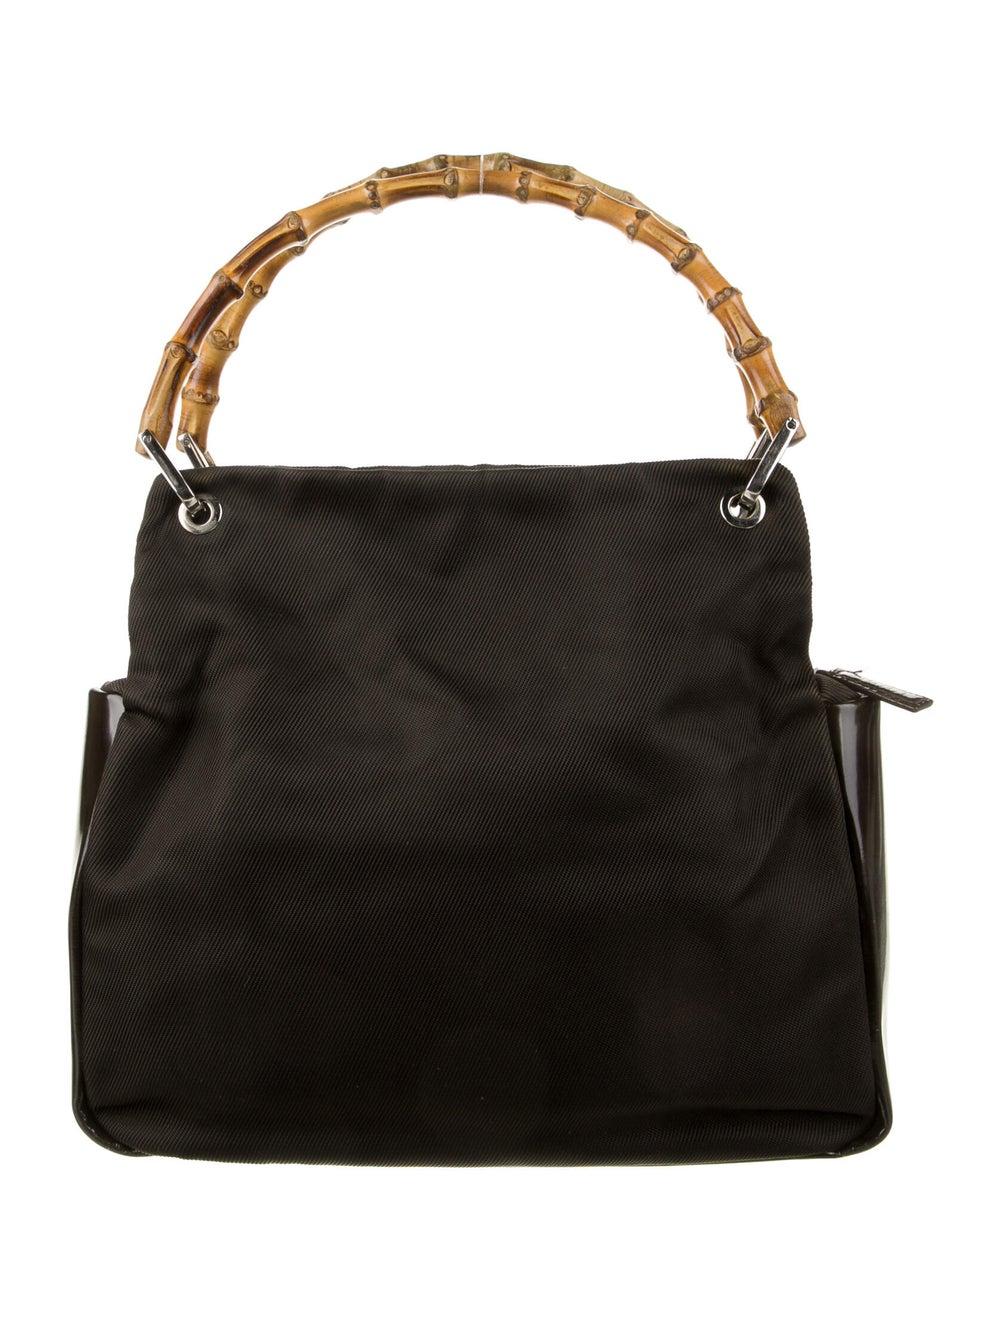 Gucci Vintage Nylon Bamboo Handle Bag Brown - image 4